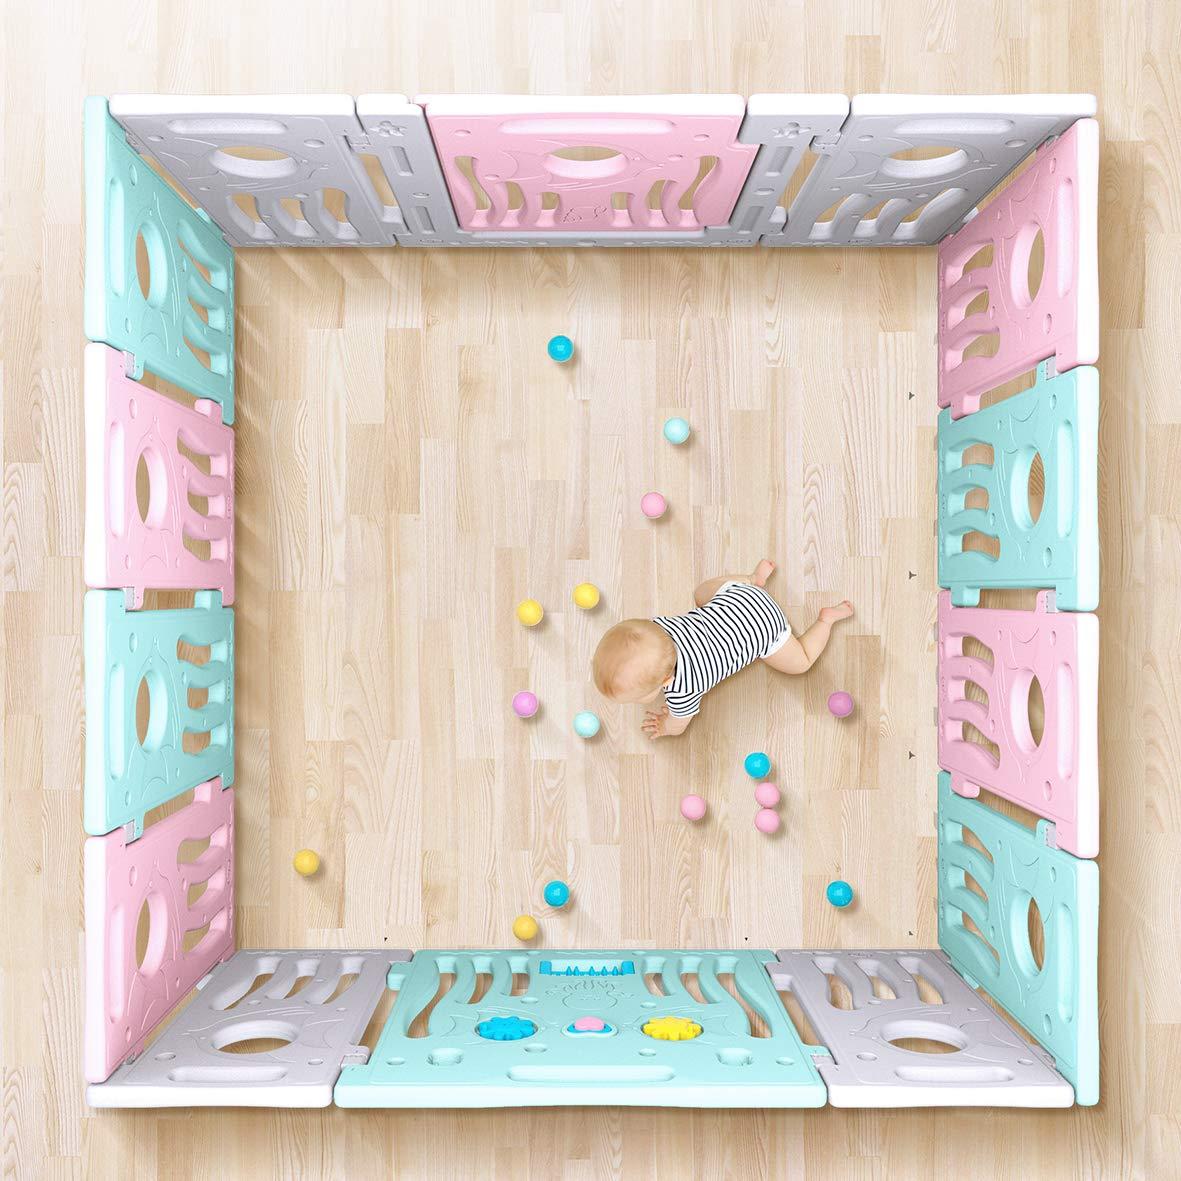 LONTEK Box per Bambini Grande Sicurezza Barriera Pieghevole Cancelletto Recinto con Porta Plastica Estensibile g/ìochi parco 18 Panels